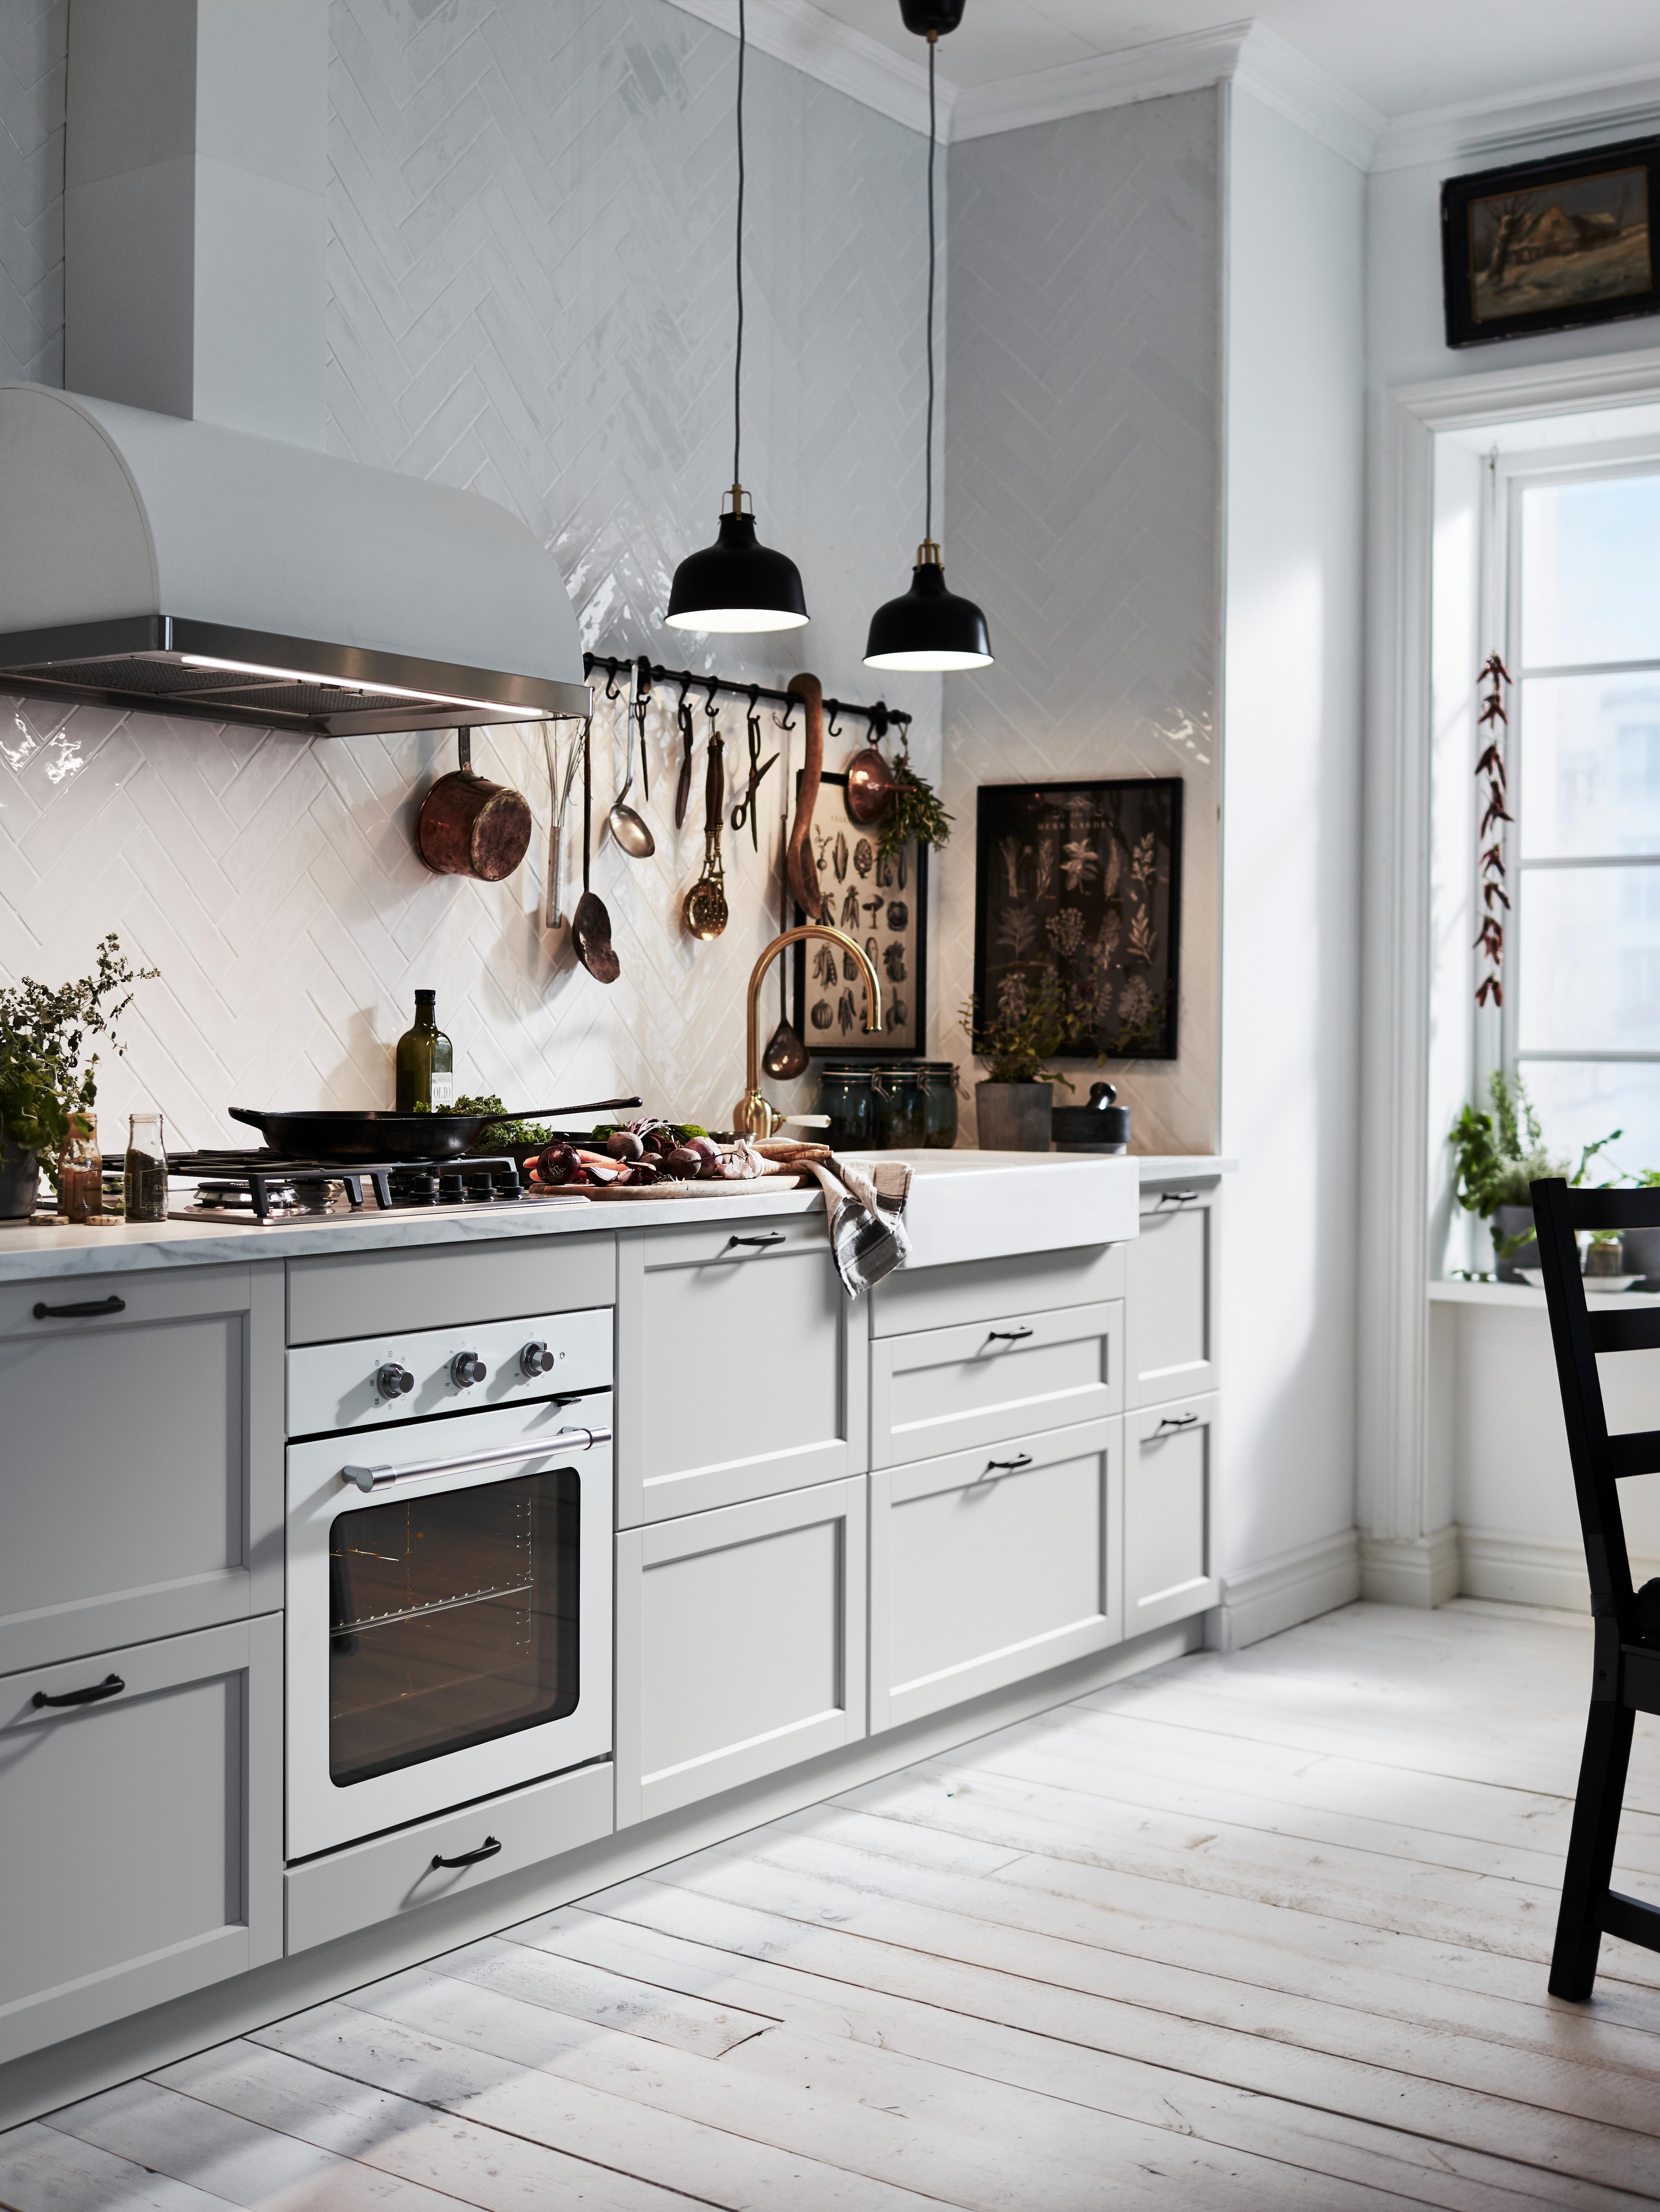 Tradicionalni stil, kuhinja krem boje u kojoj je bijela MATTRADITION pećnica s vrućim zrakom pored niskih elemenata s ladicama.